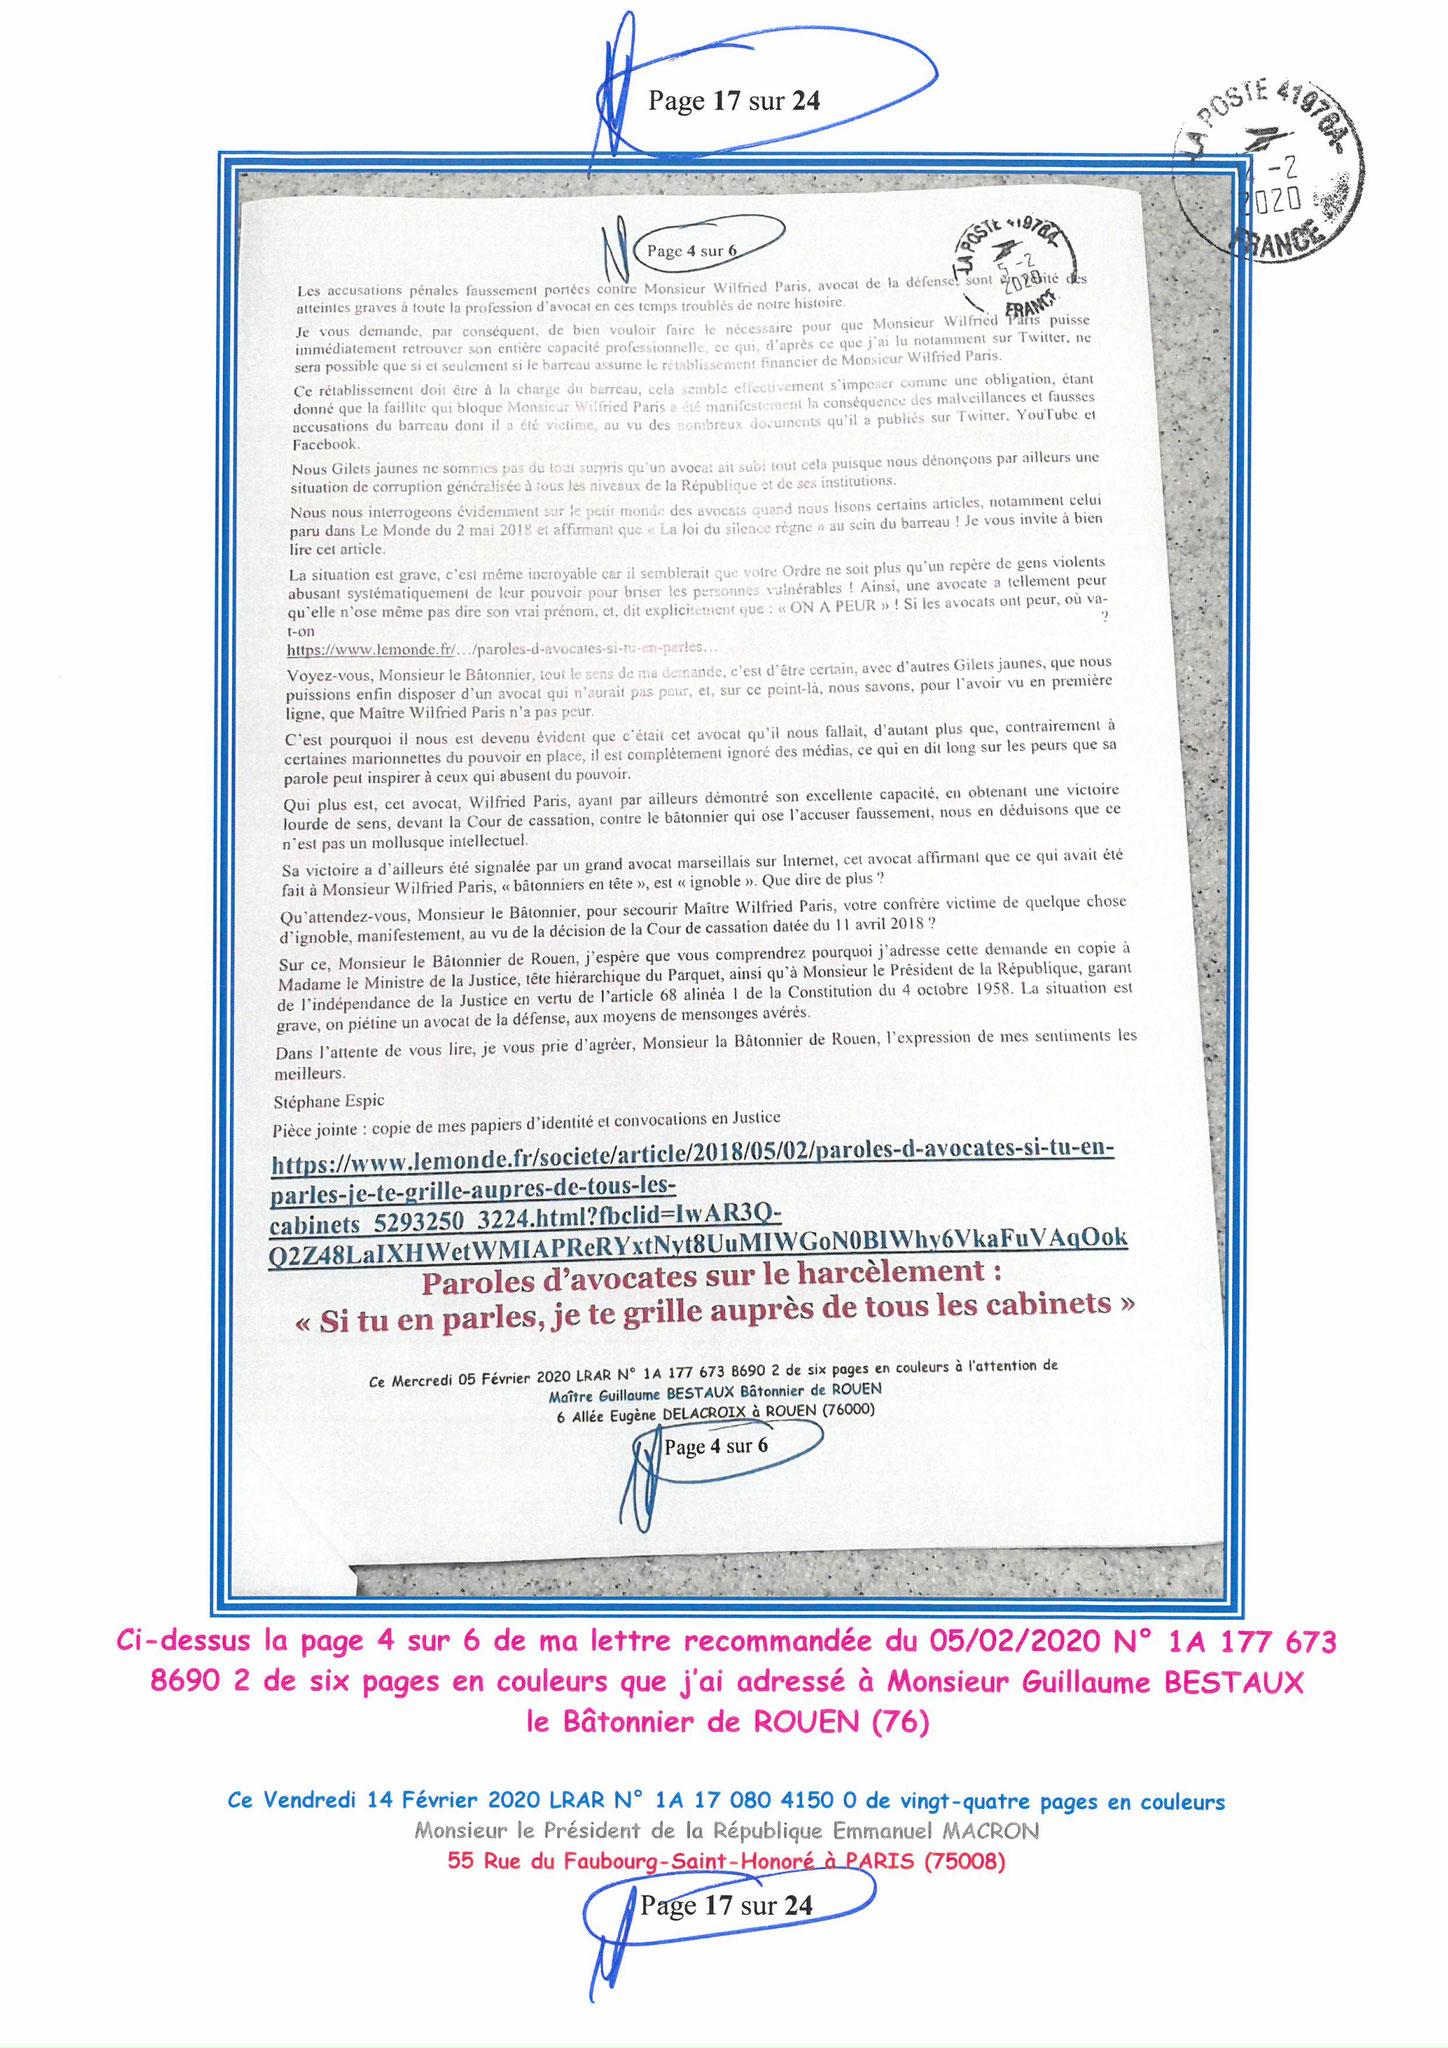 Ma lettre recommandée du 14 Février 2020 N° 1A 178 082 4150 0  page  17 sur 24 en couleur que j'ai adressé à Monsieur Emmanuel MACRON le Président de la République www.jesuispatrick.fr